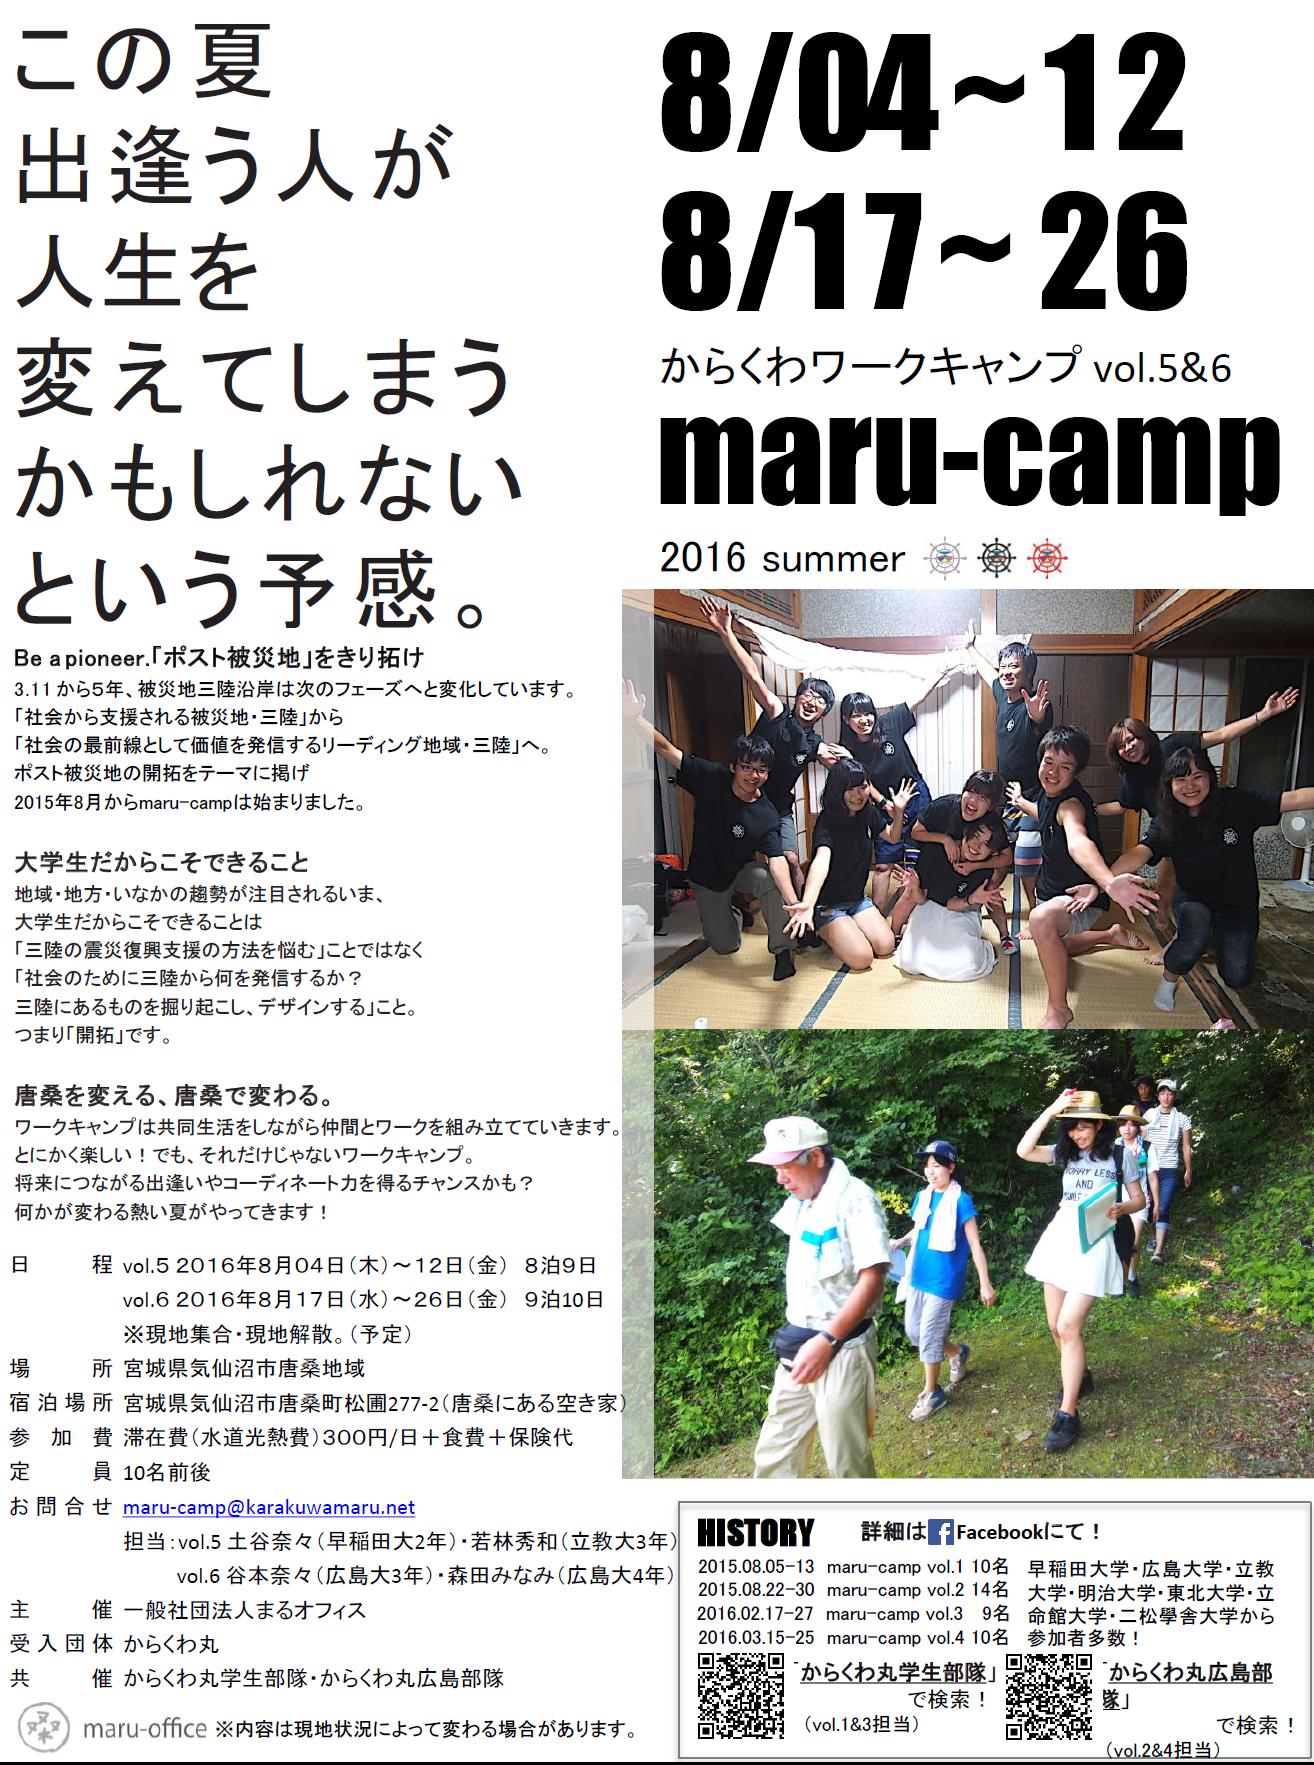 2016夏東北ワークキャンプ参加者大募集【からくわ丸広島部隊】